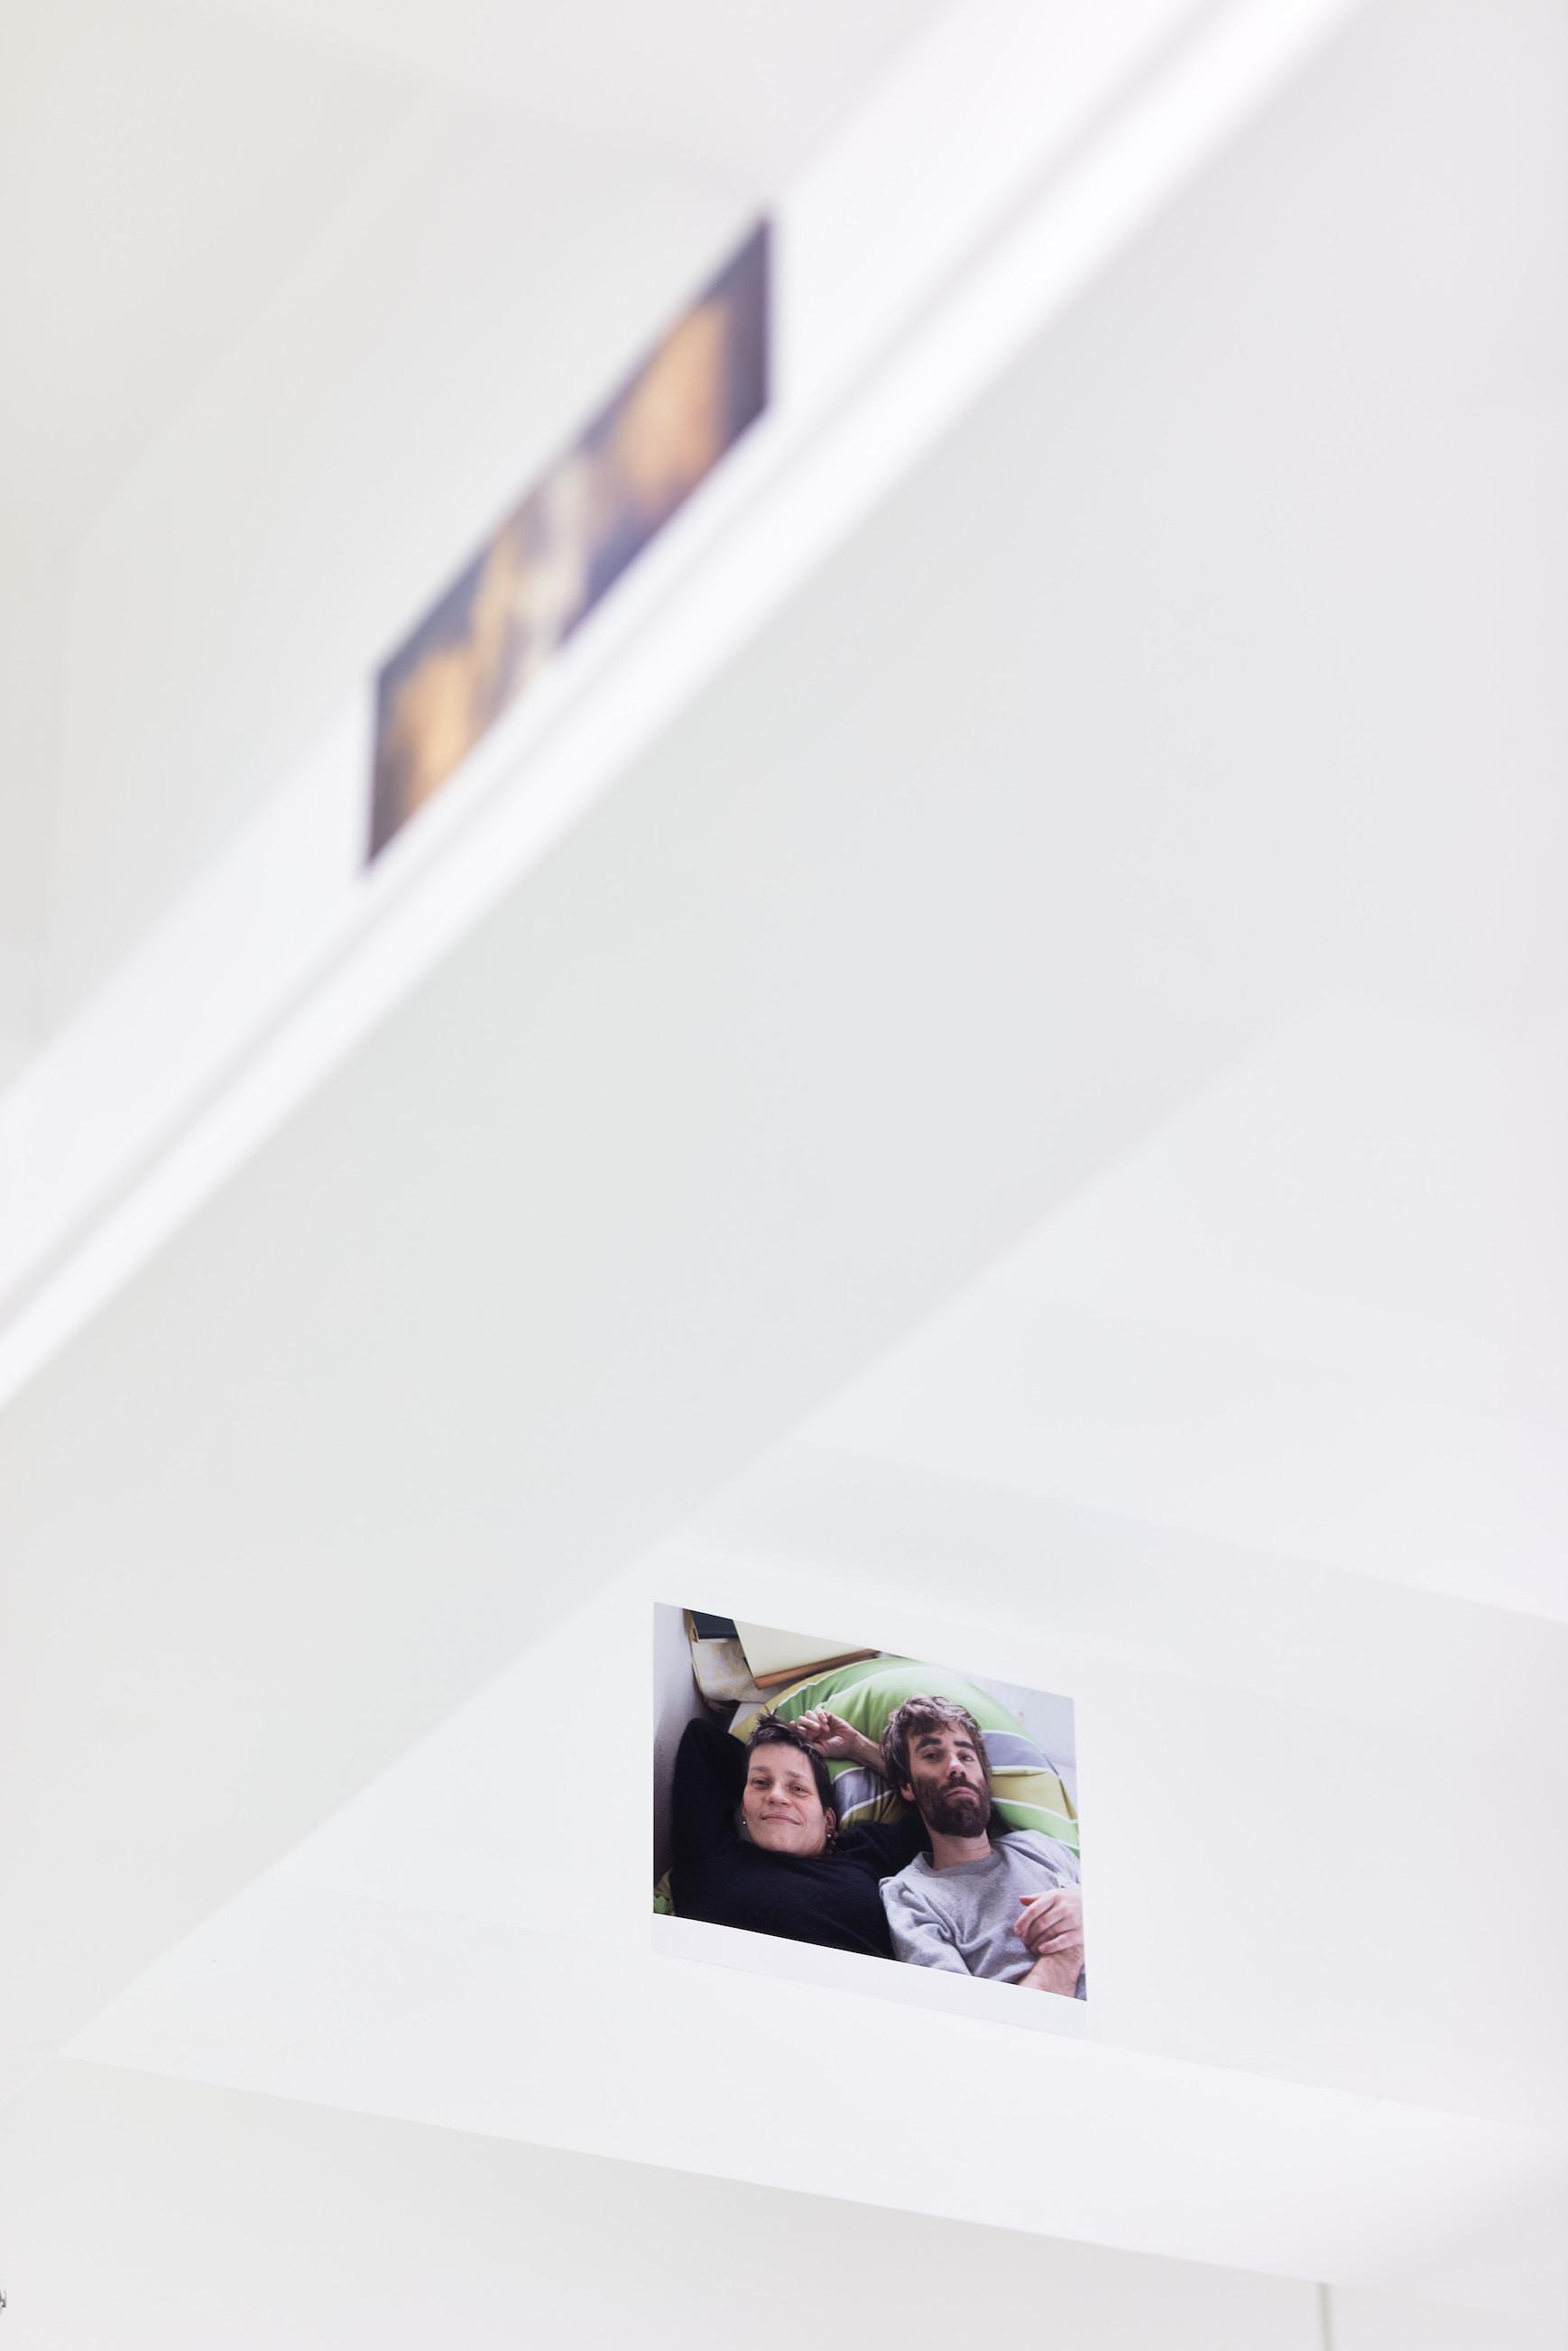 Wolfgang Tillmans: A te tested a tiéd . Kiállítási látkép, Trafó Galéria, 2021. Lent: Alex & Lutz, Hindemithstrasse, 2012. Fotó: Biró Dávid